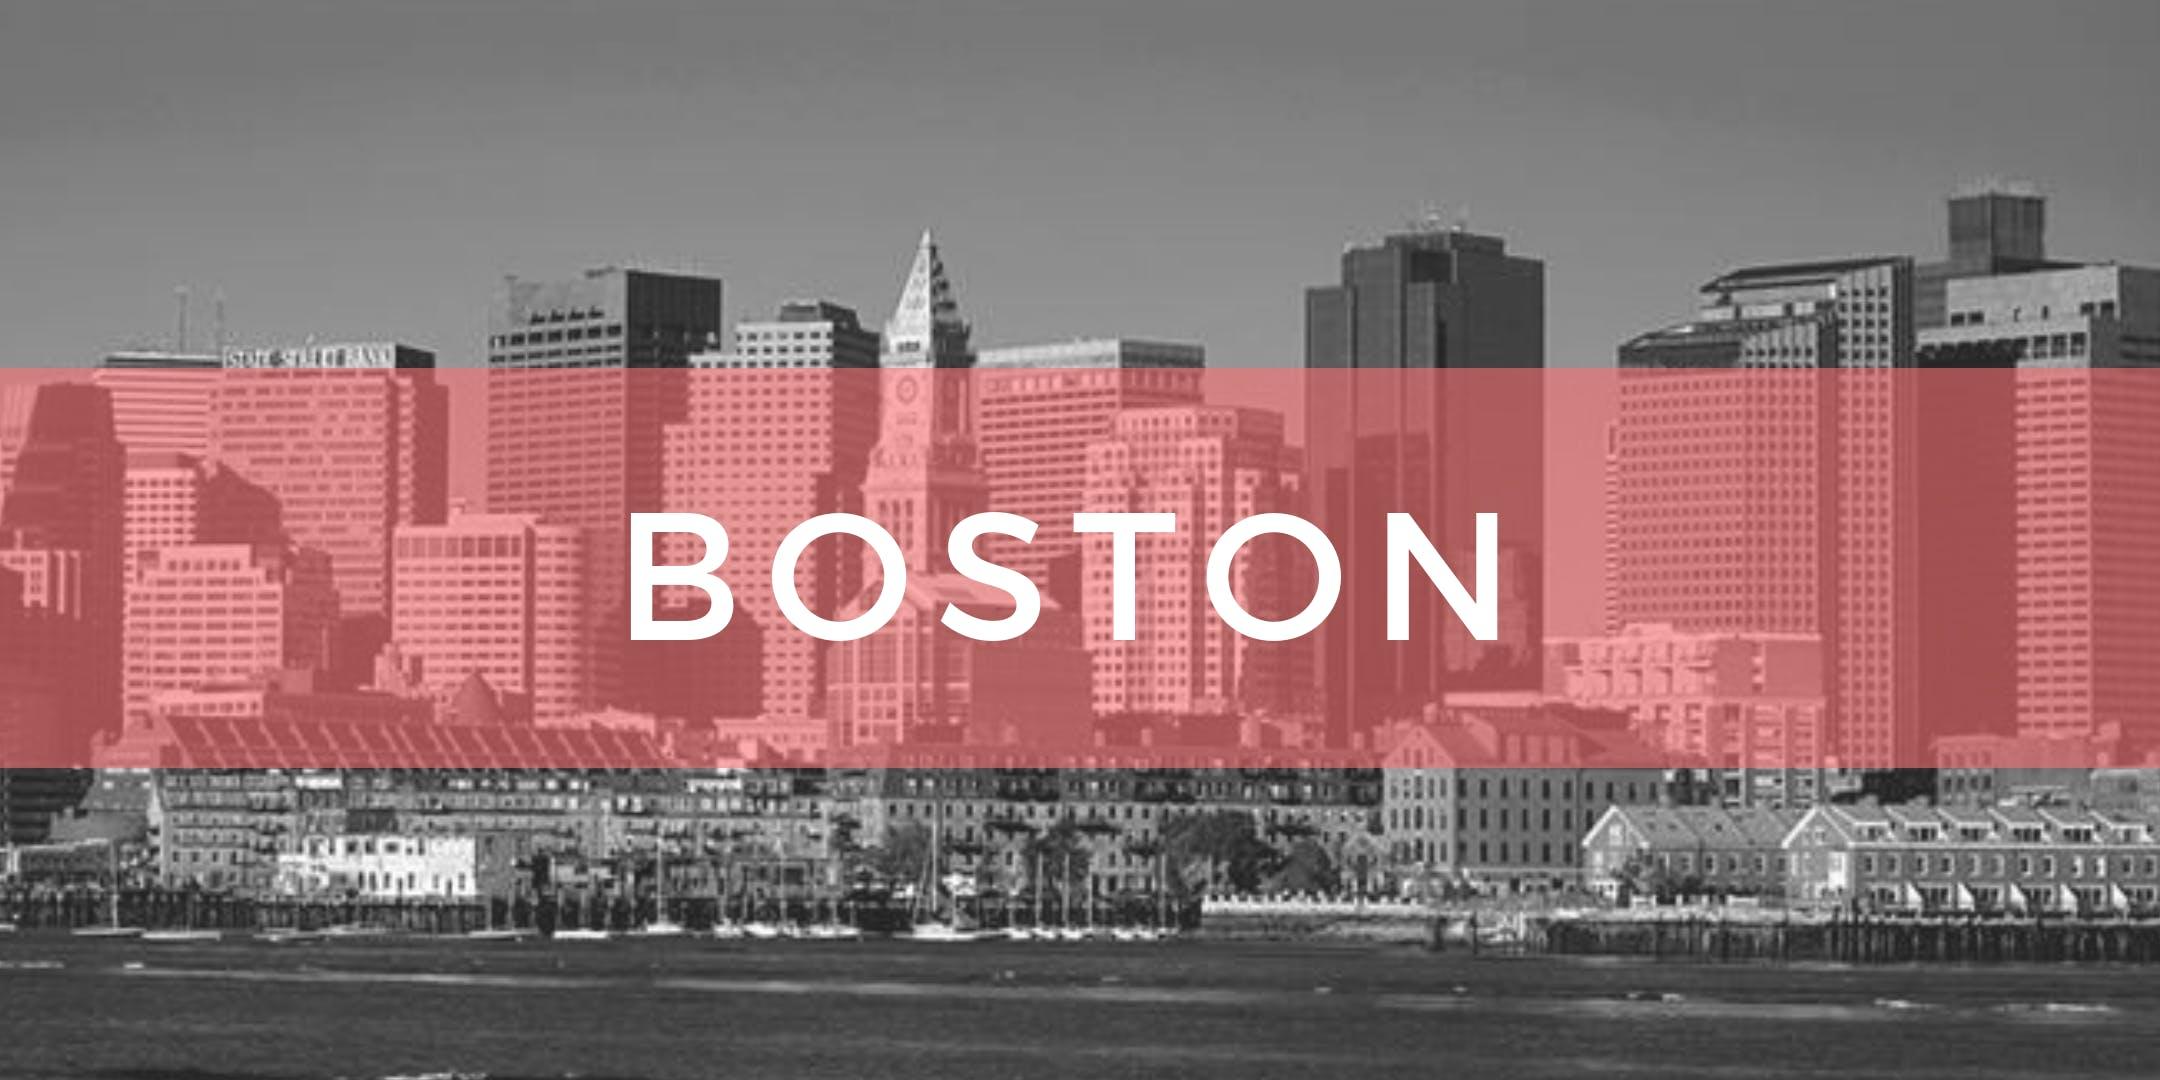 Conception Art Show - Boston